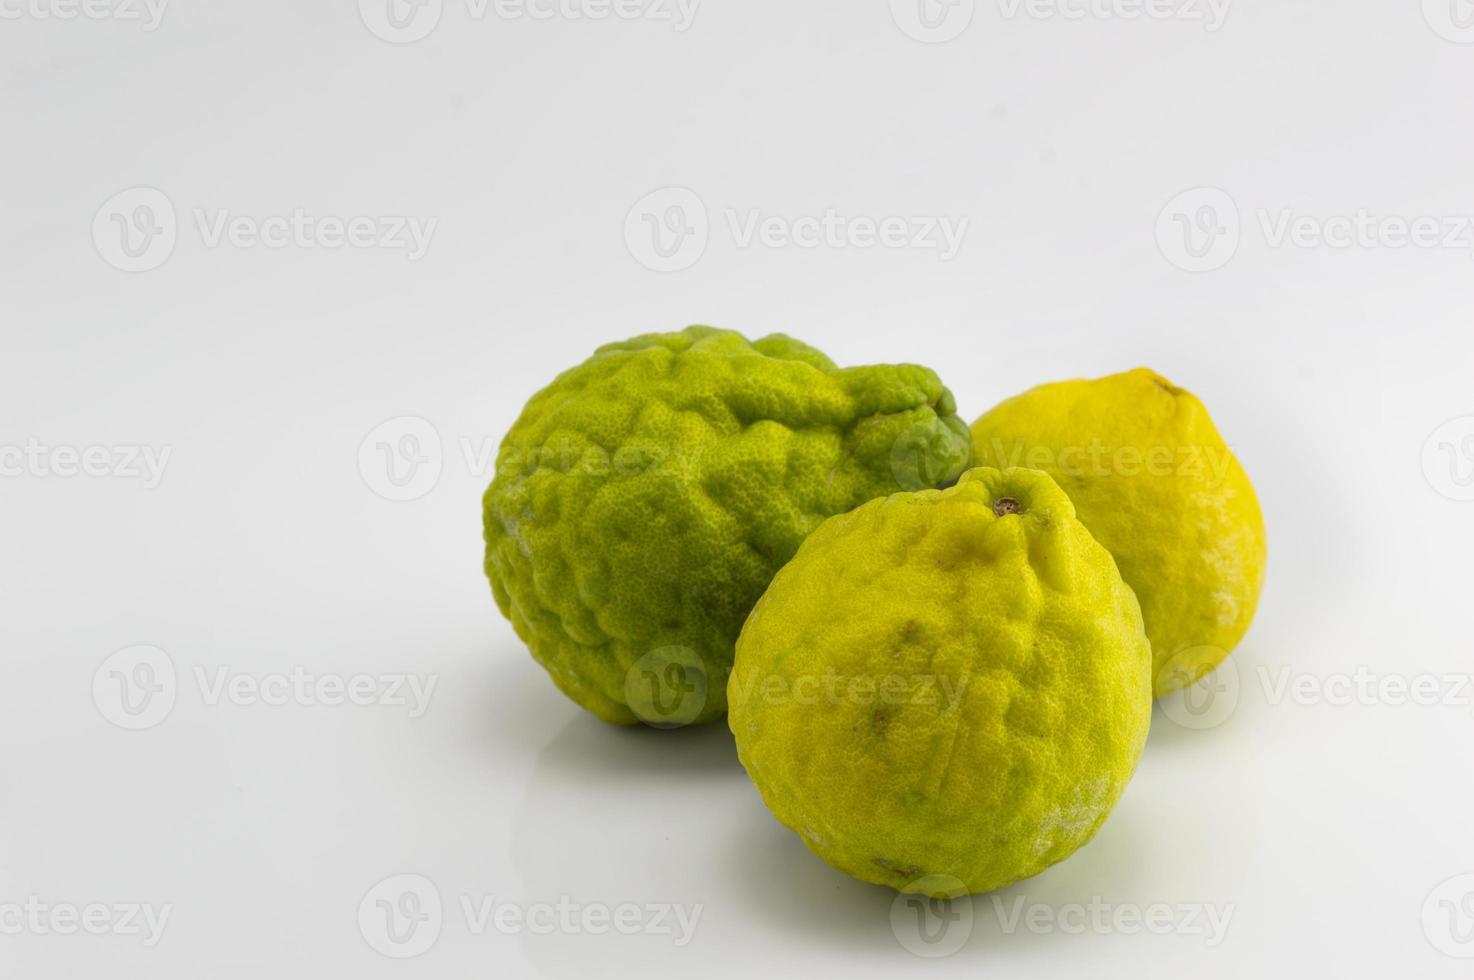 Bergamottefrucht auf isoliertem Hintergrund und Kopierraum foto